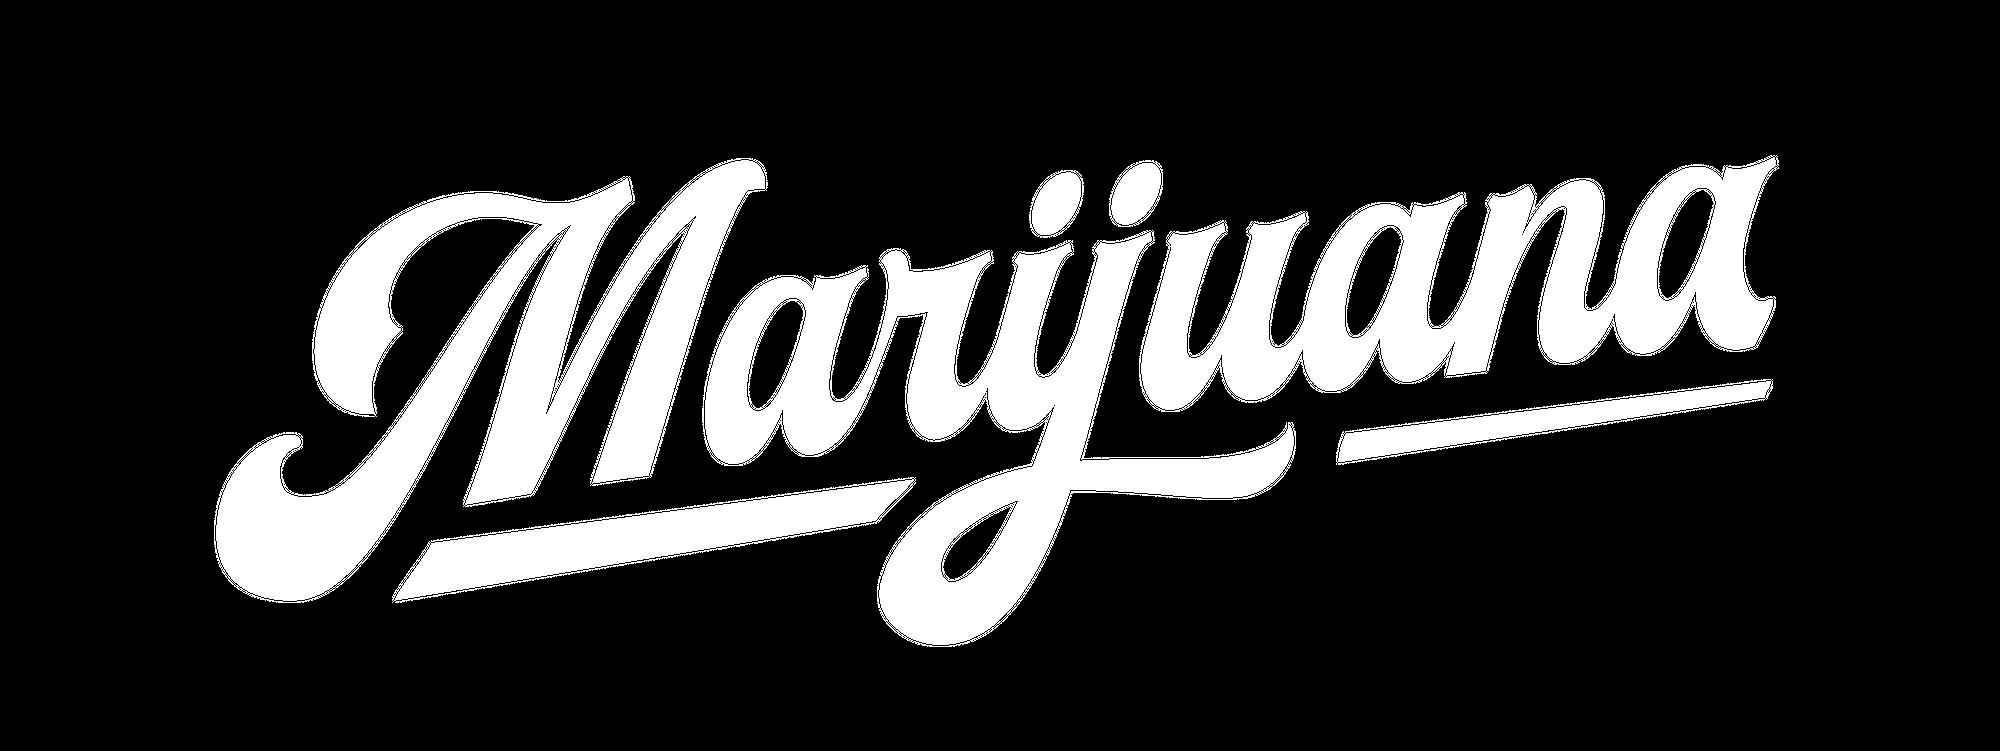 Marijuana.com.au